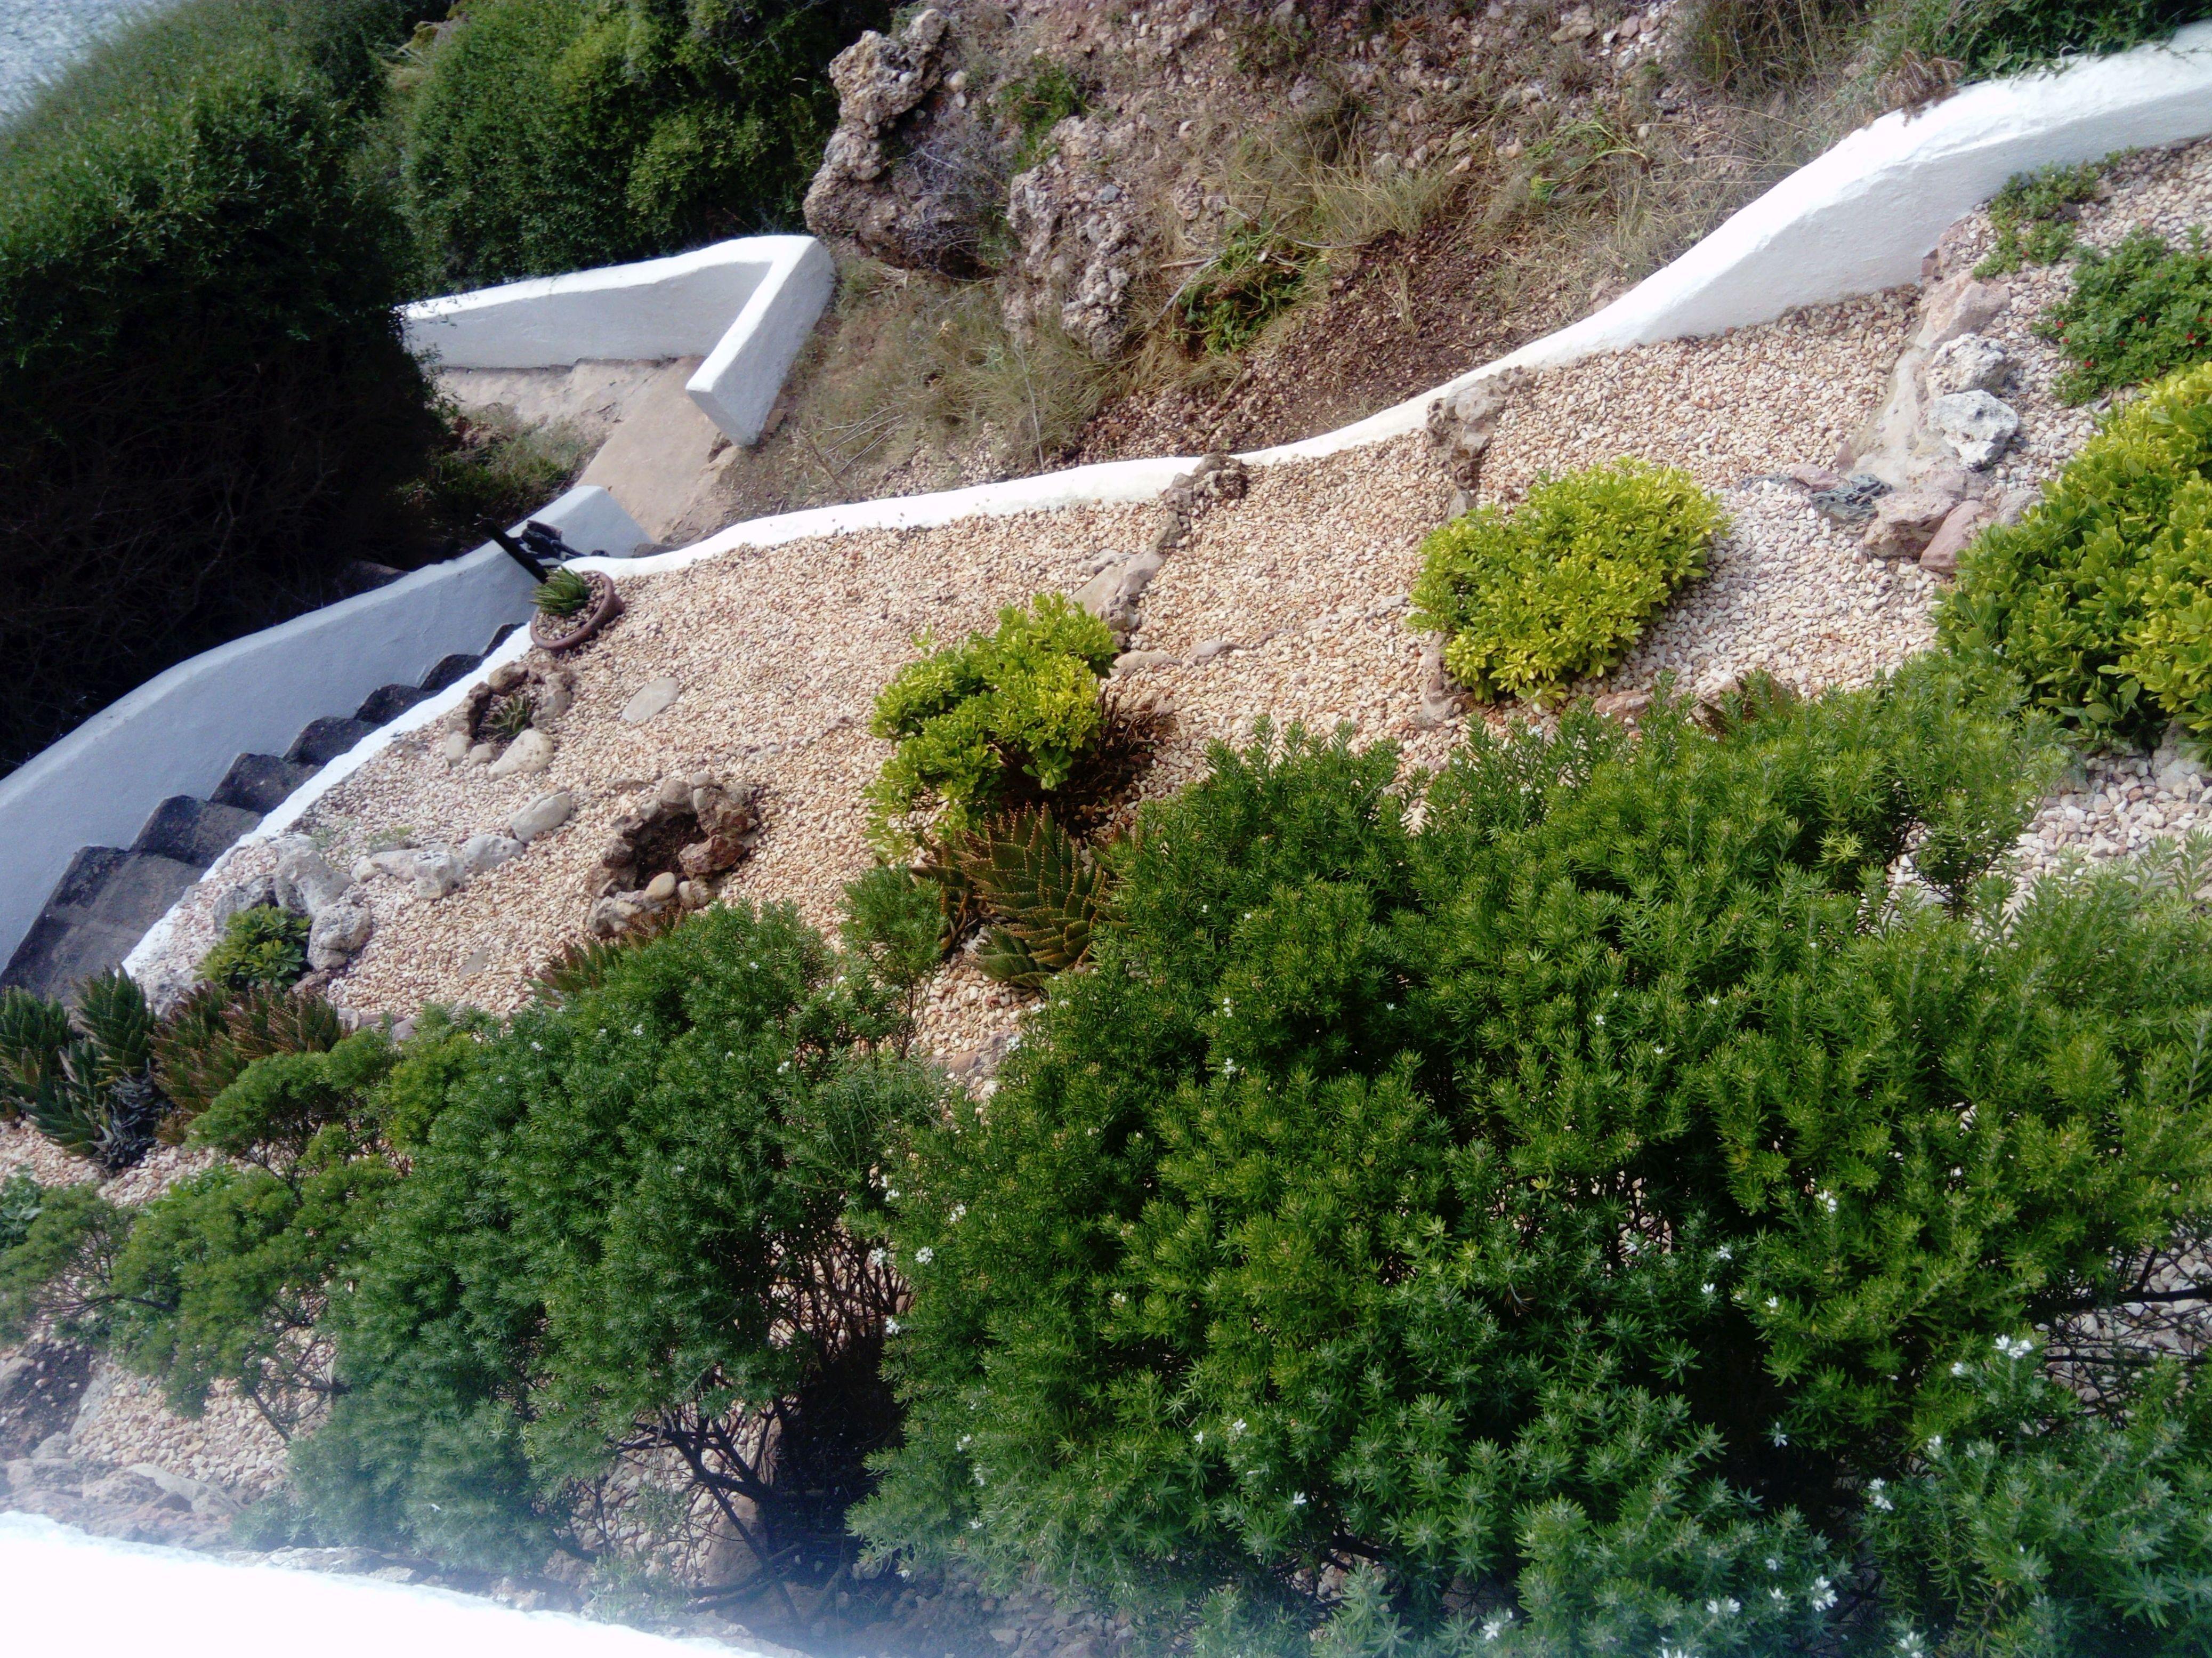 nuevo jardin aprovechando pendiente natural